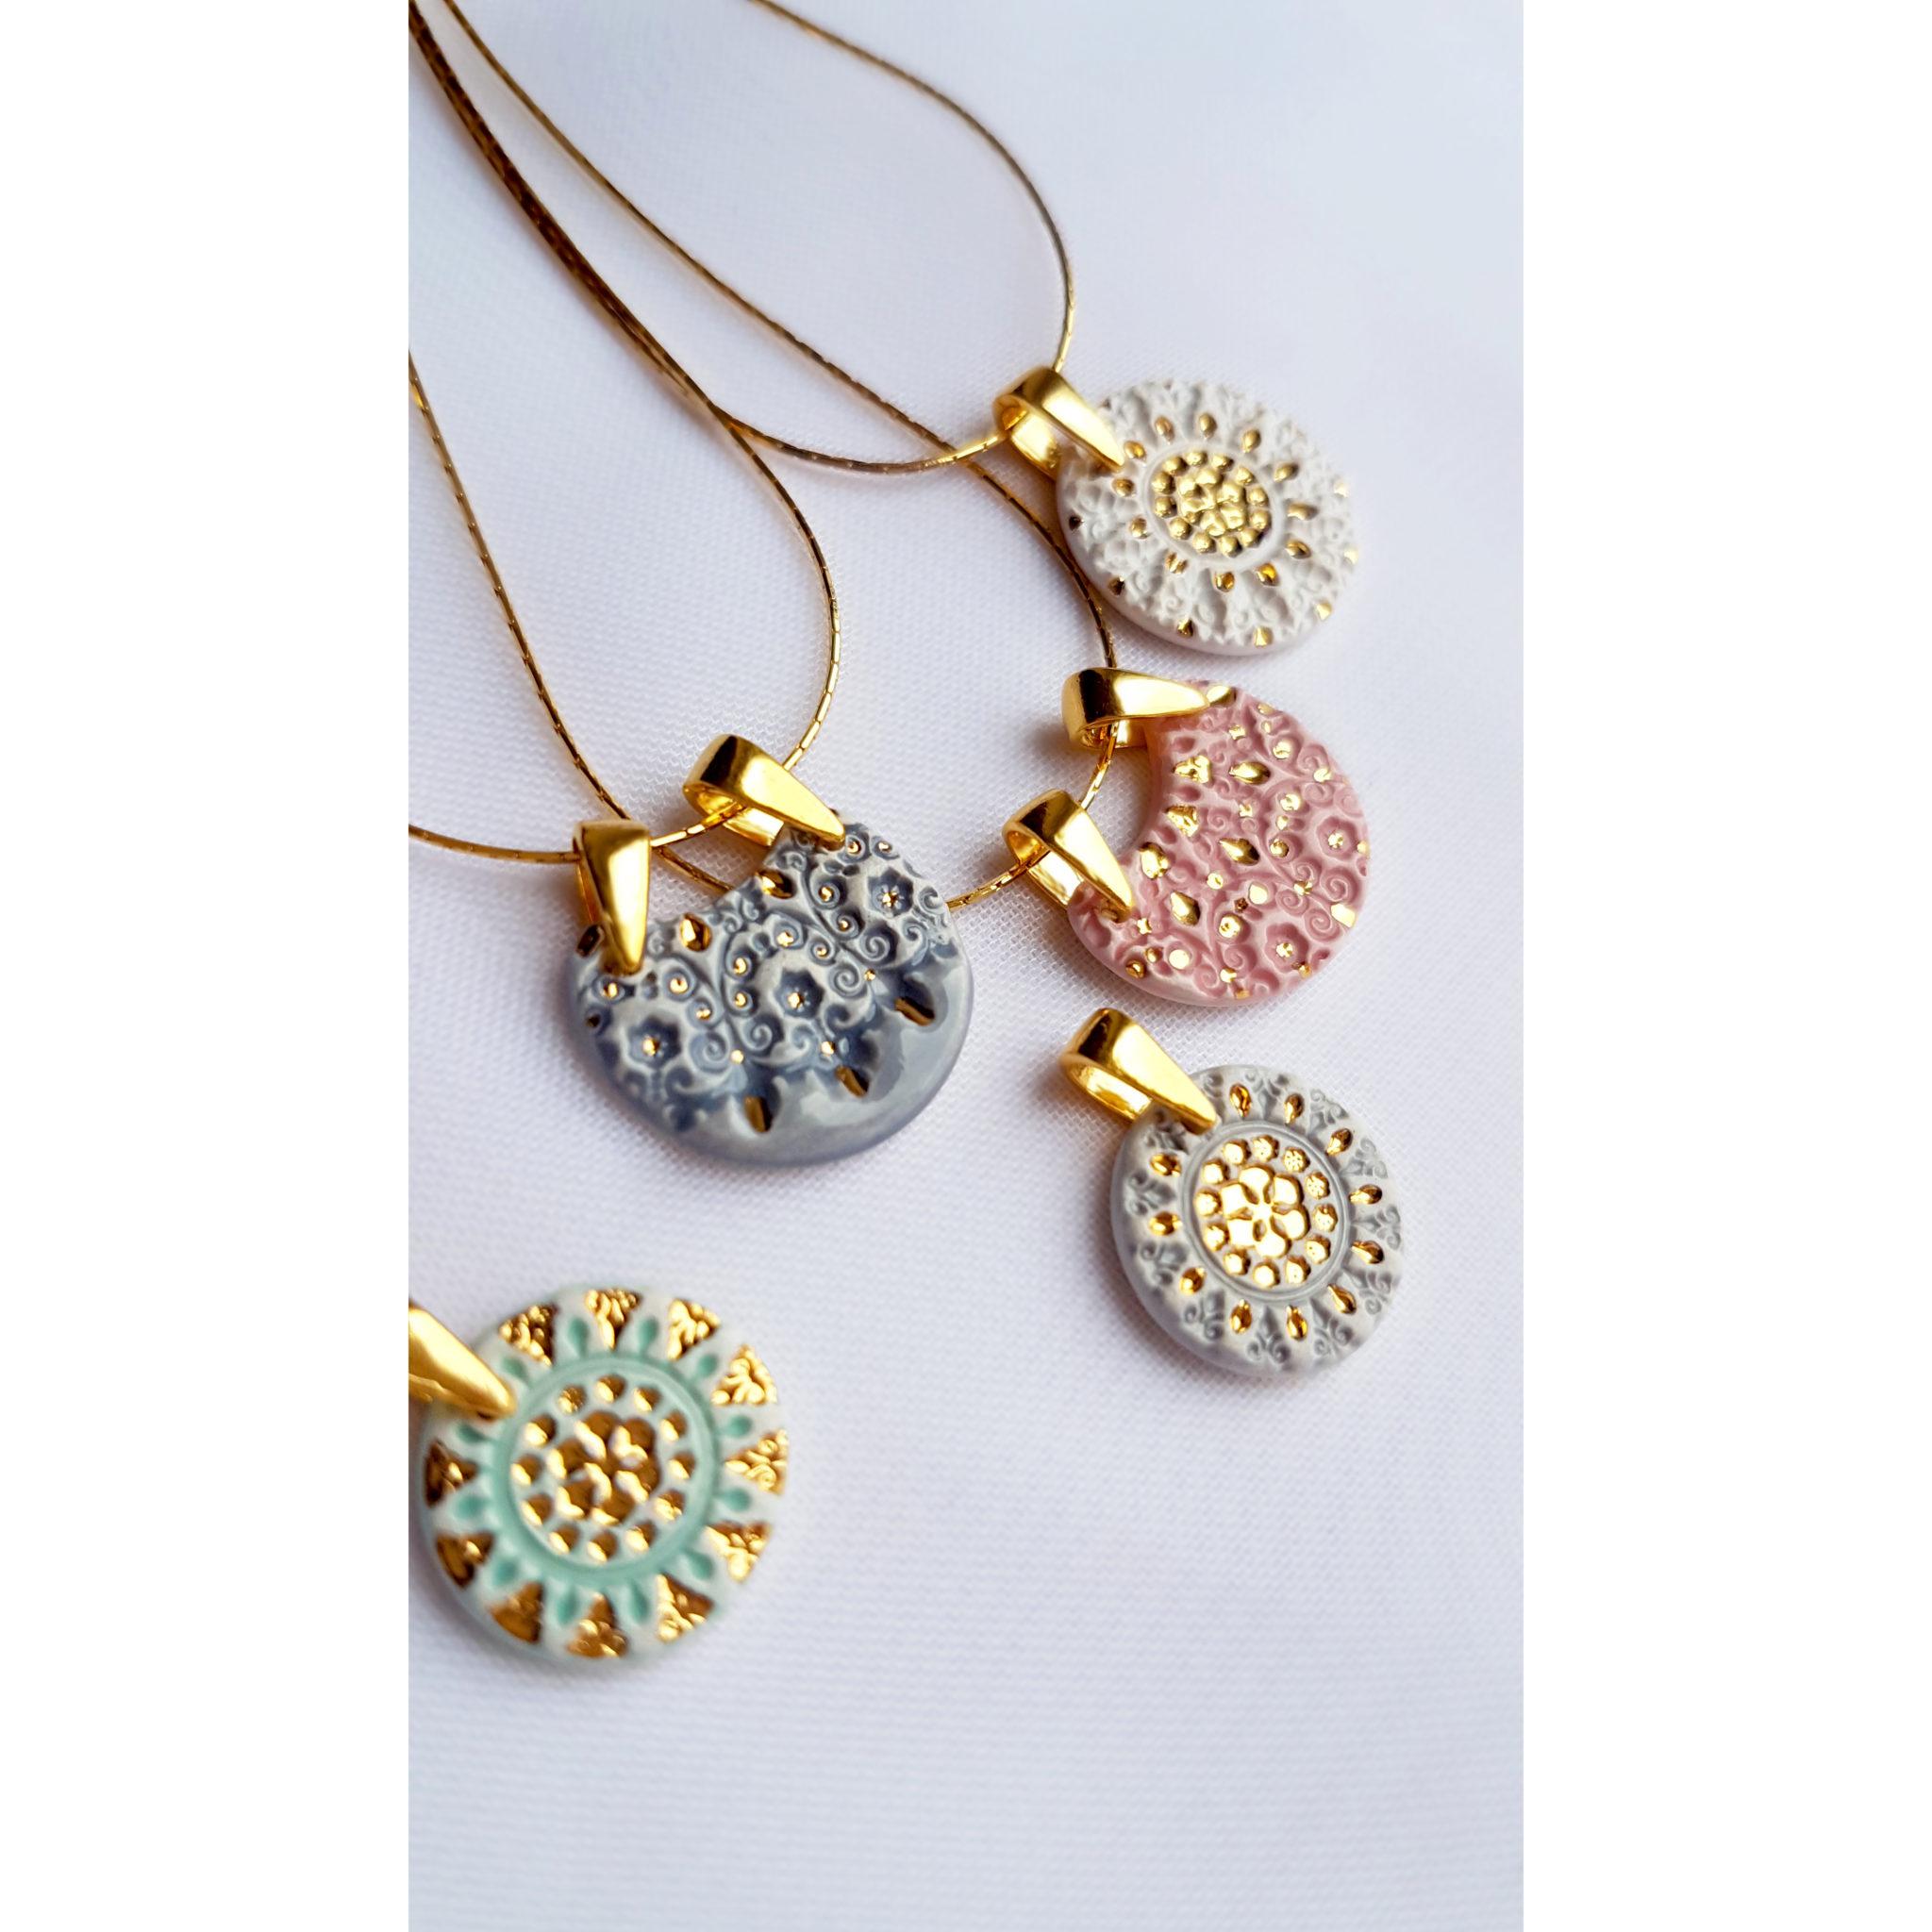 Wybór pojedynczych naszyjników malowanych złotem